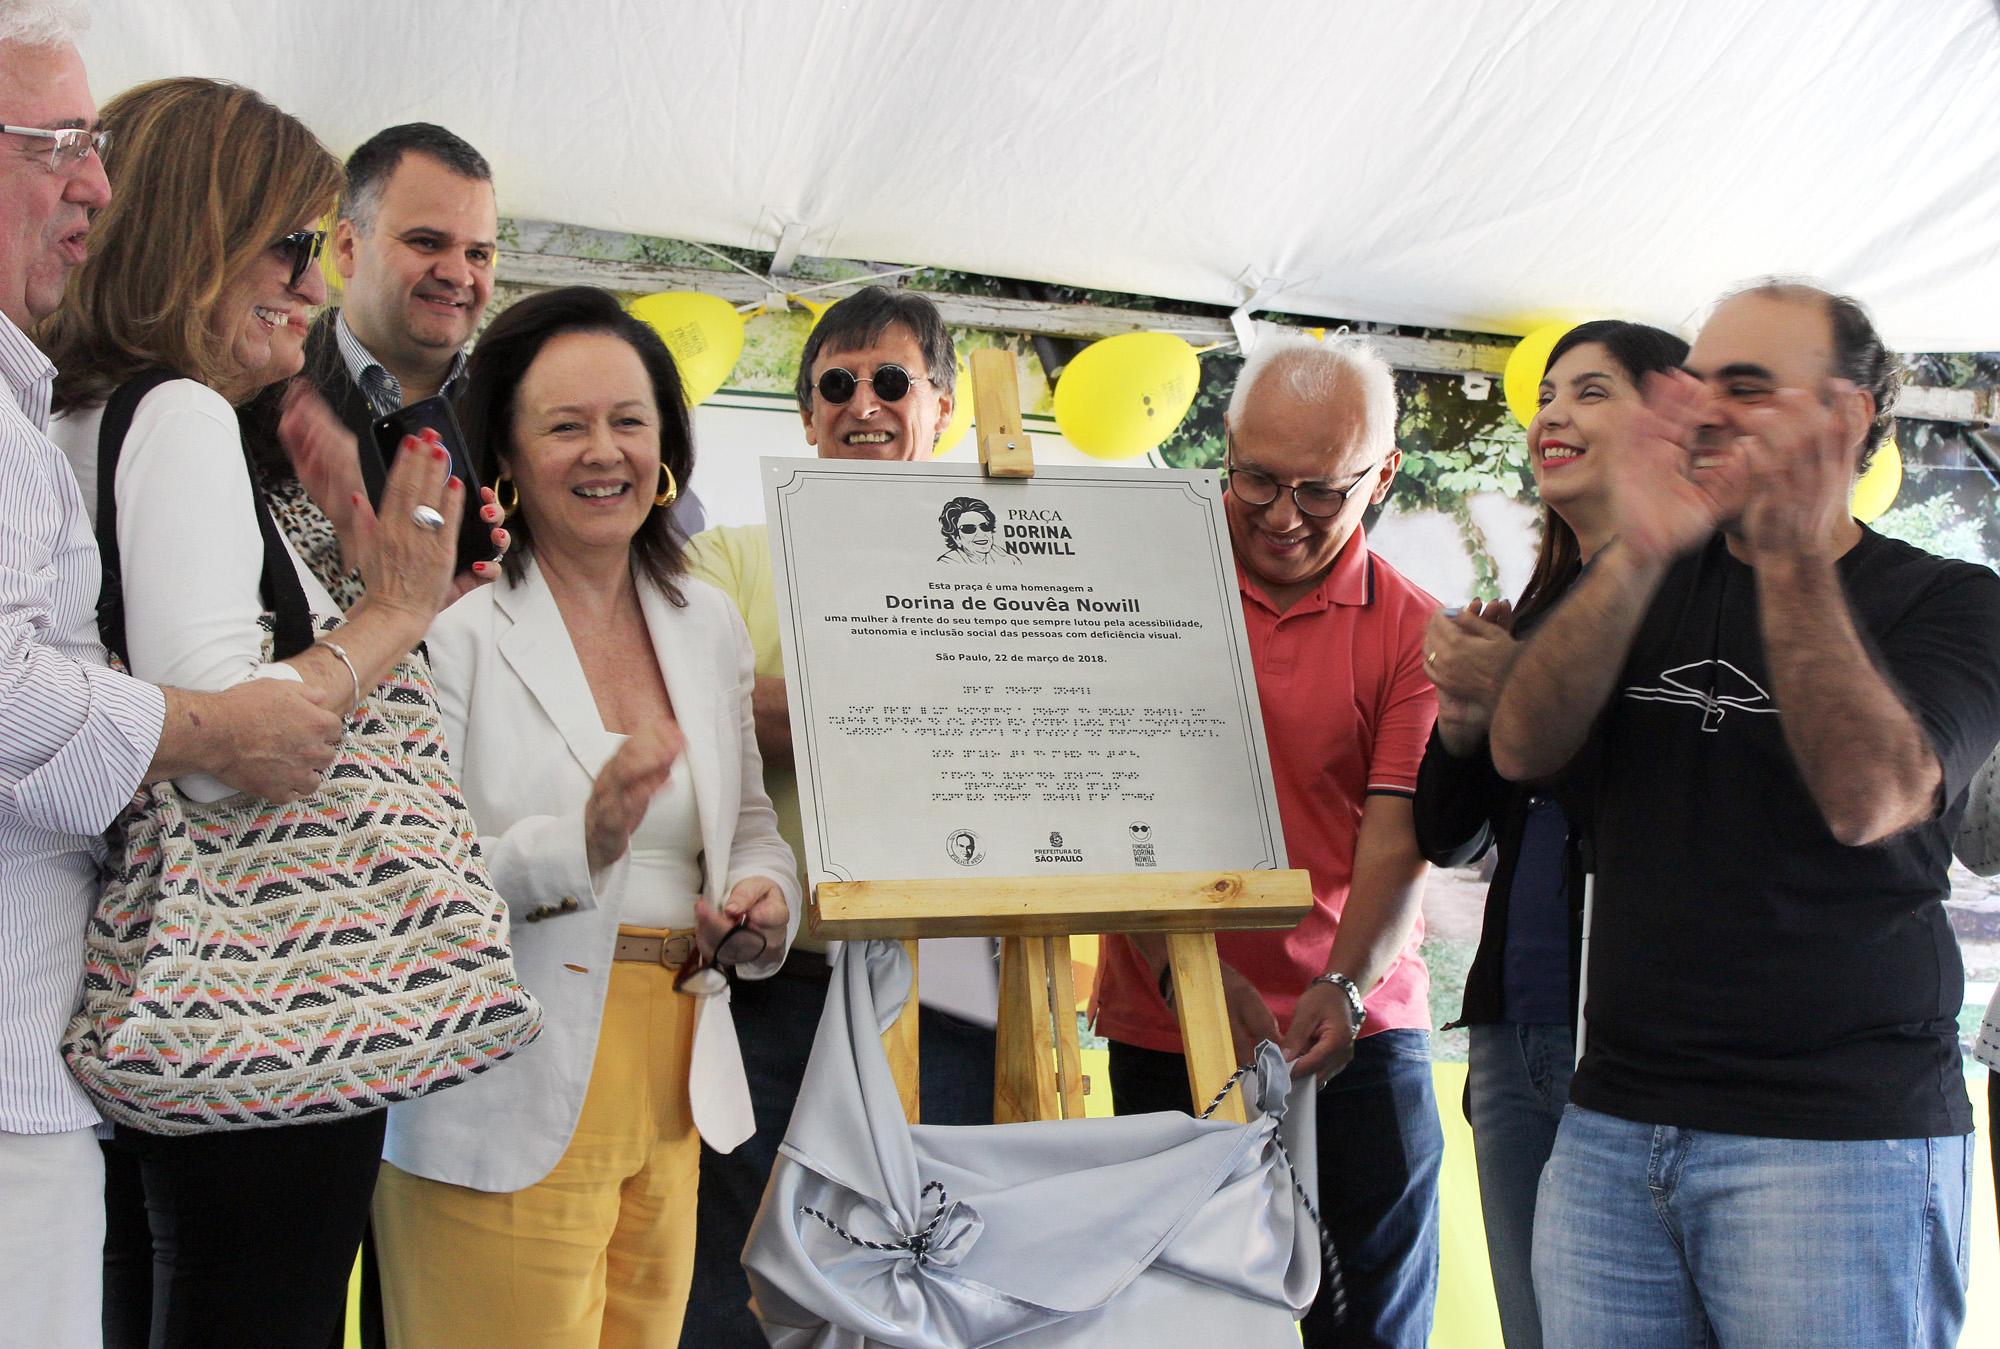 Descrição da imagem: foto de um grupo de nove pessoas em volta da placa em homenagem à Praça Dorina Nowill em um cavalete de madeira. Eles estão sorrindo e aplaudindo. Ao fundo há alguns balões amarelos.